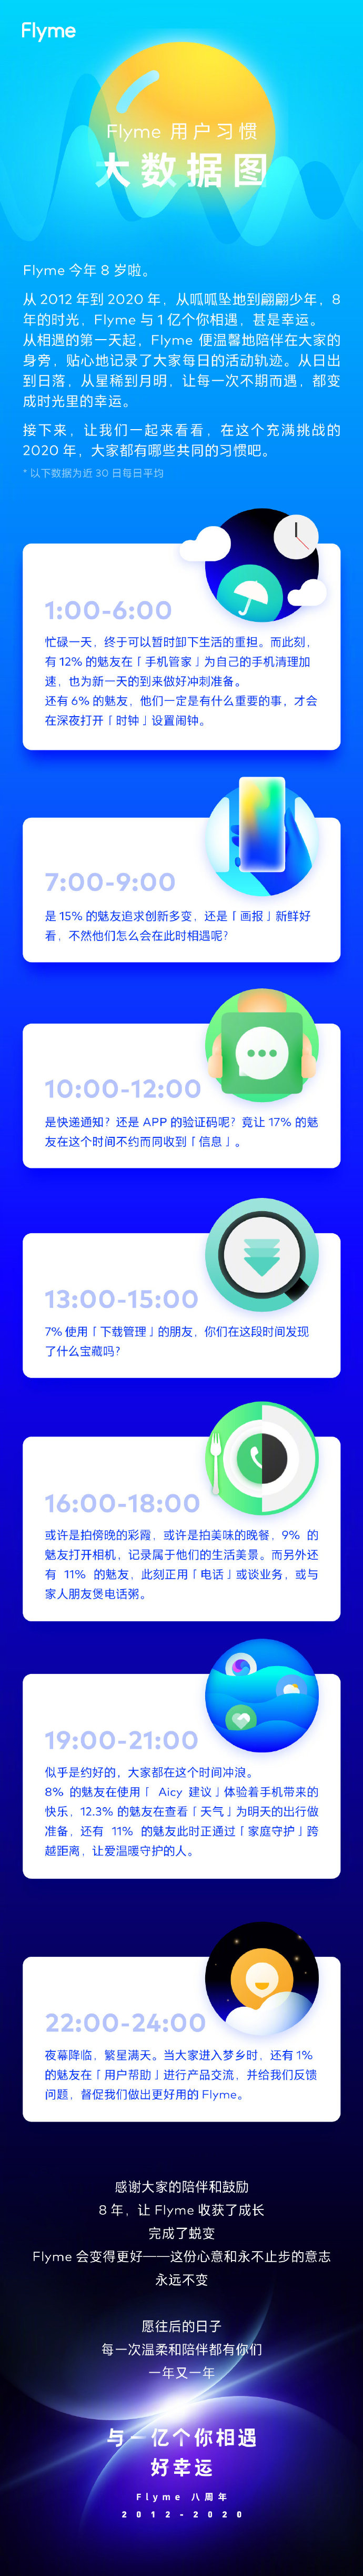 魅族官方发布Flyme用户习惯大数据图-玩懂手机网 - 玩懂手机第一手的手机资讯网(www.wdshouji.com)